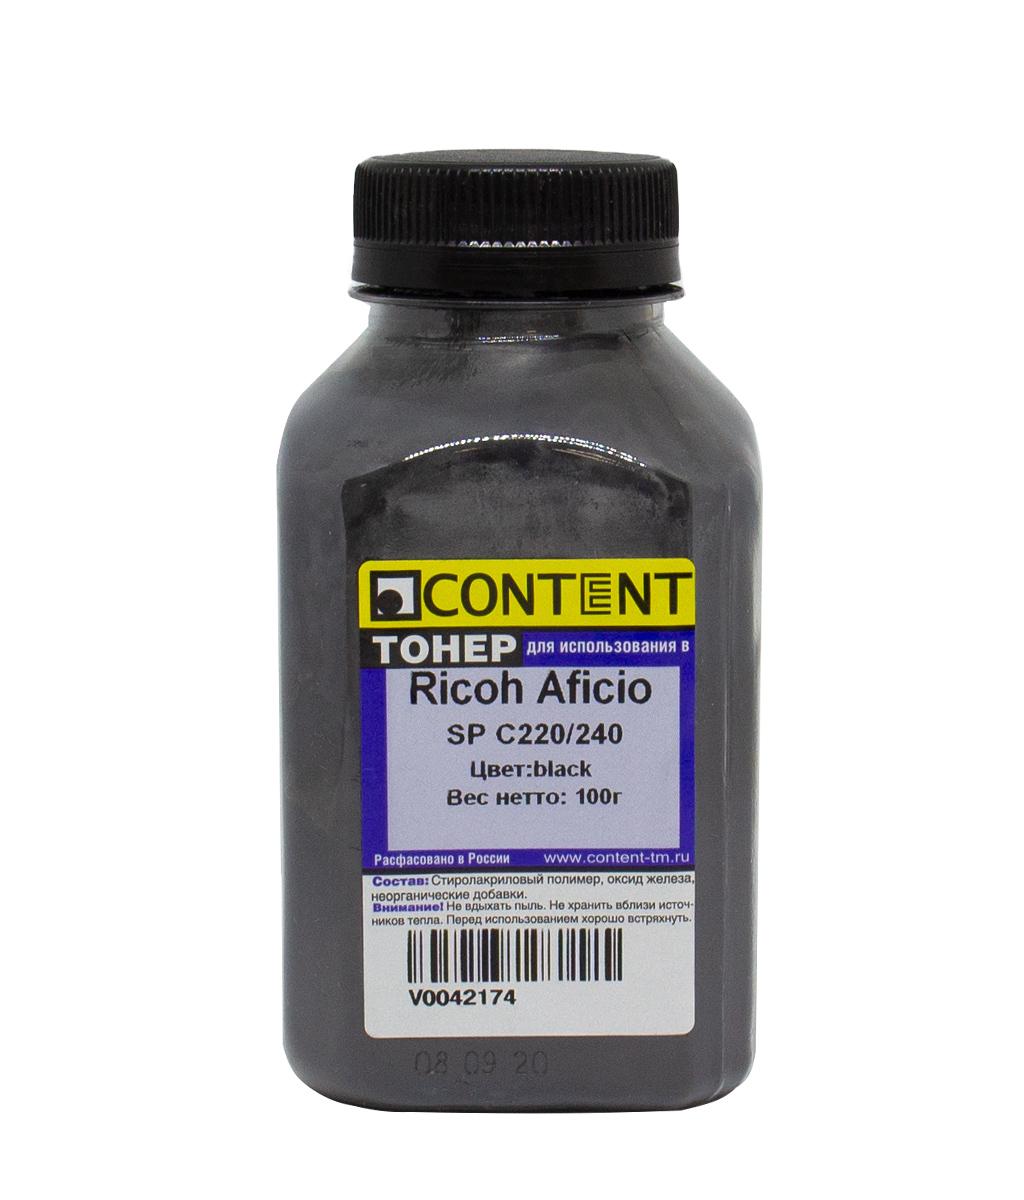 Тонер Content для Ricoh Aficio SP C220/240, Bk, 100 г, банка